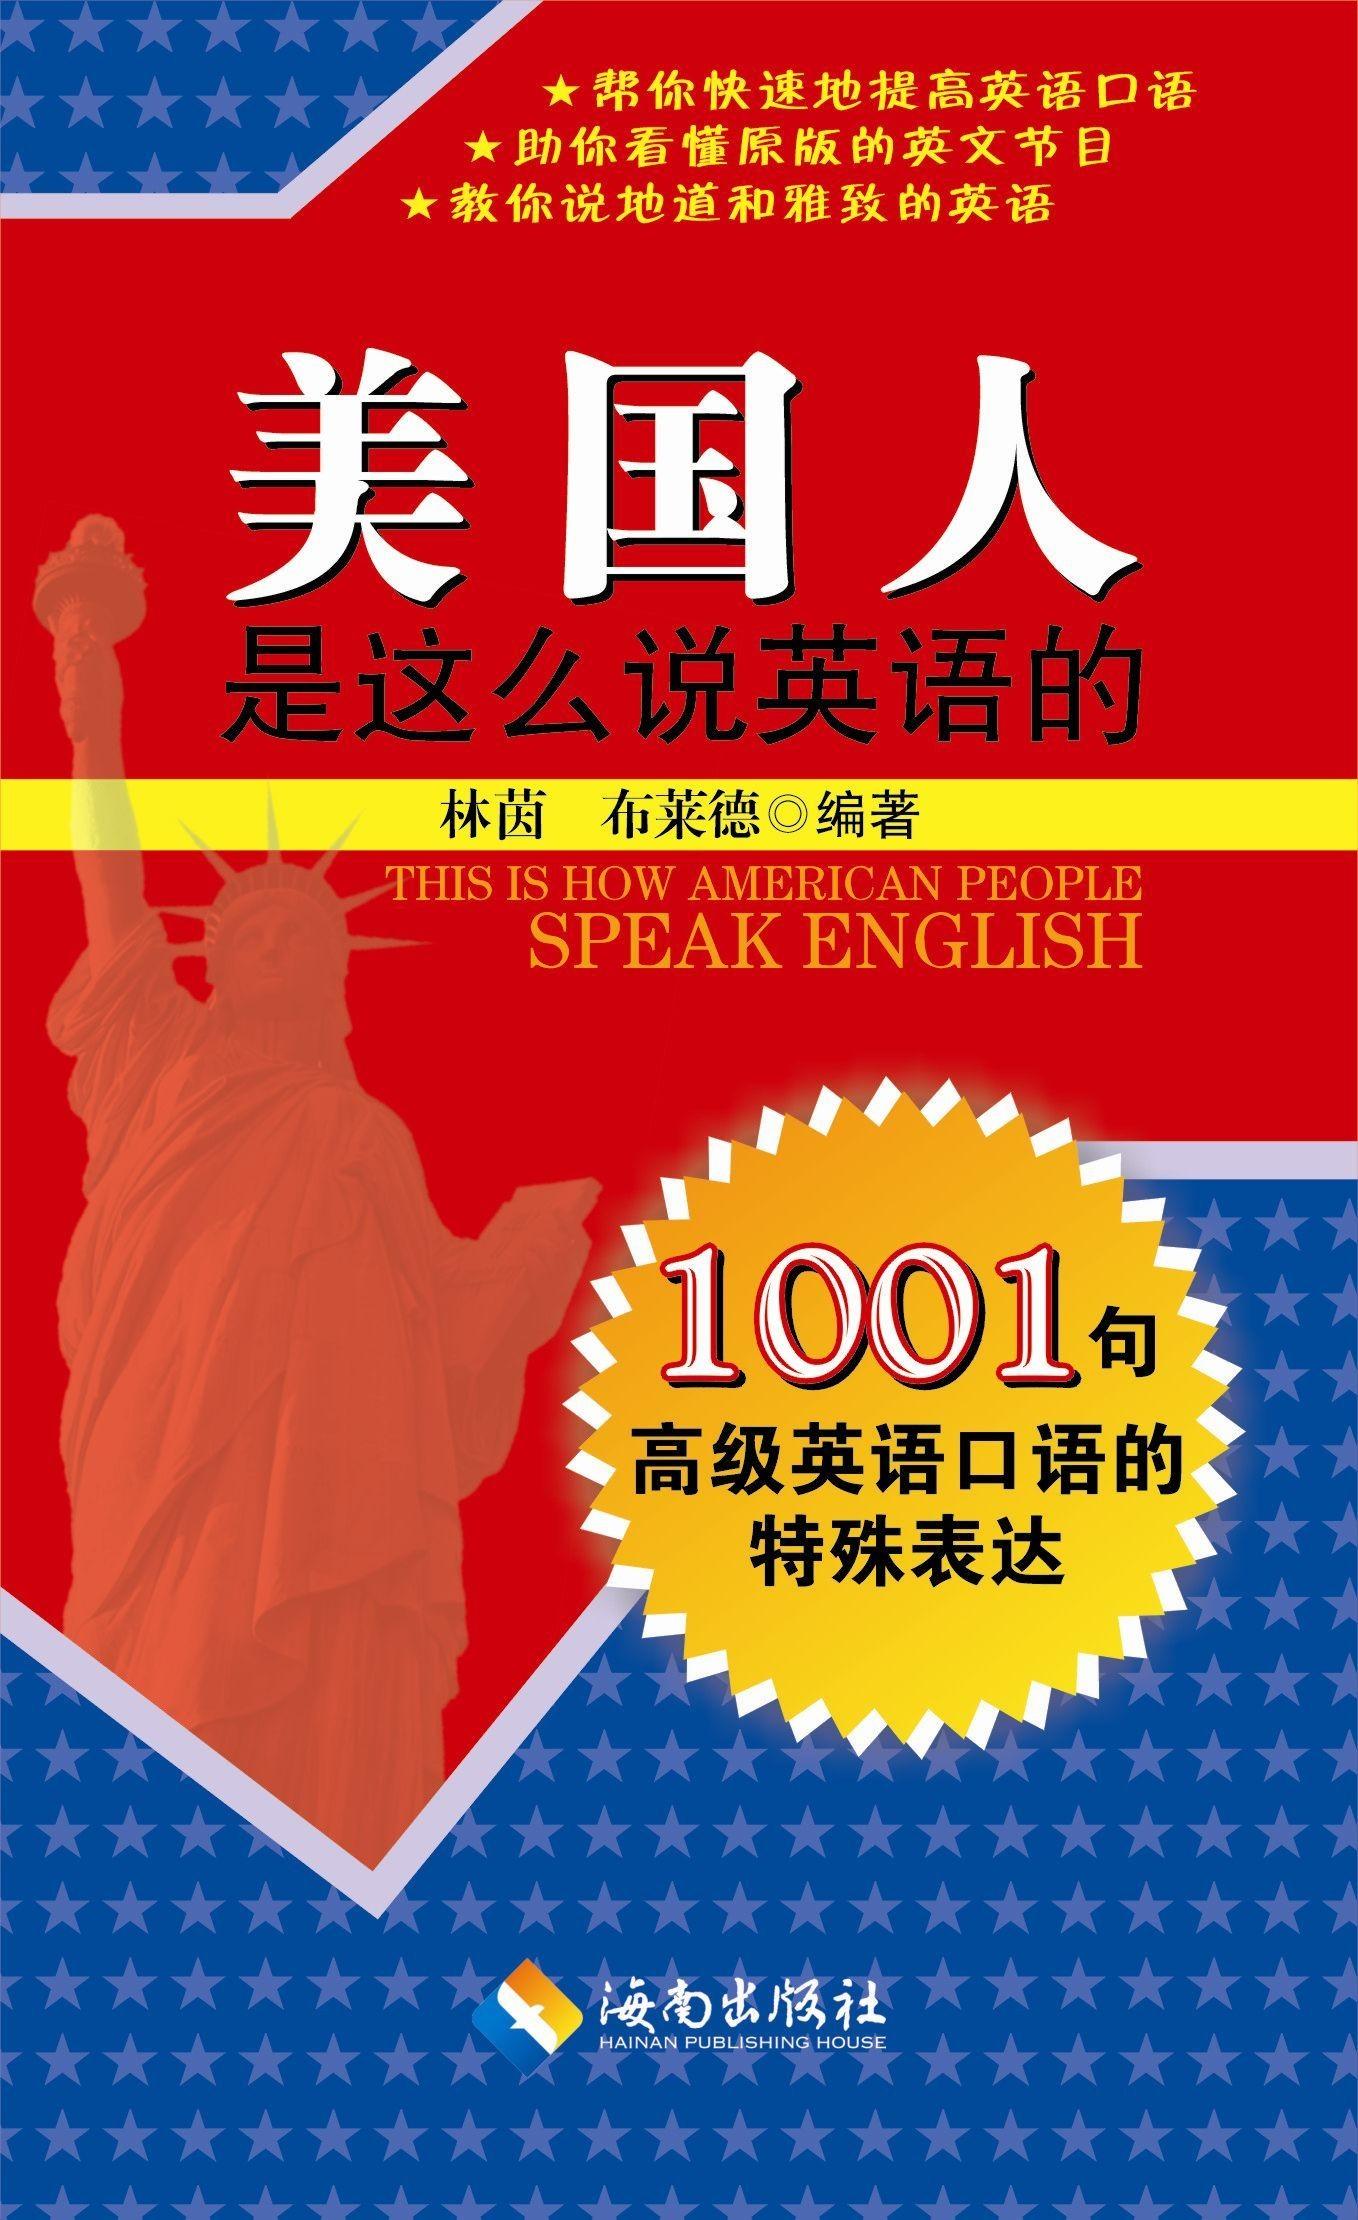 美国人是这么说英语的